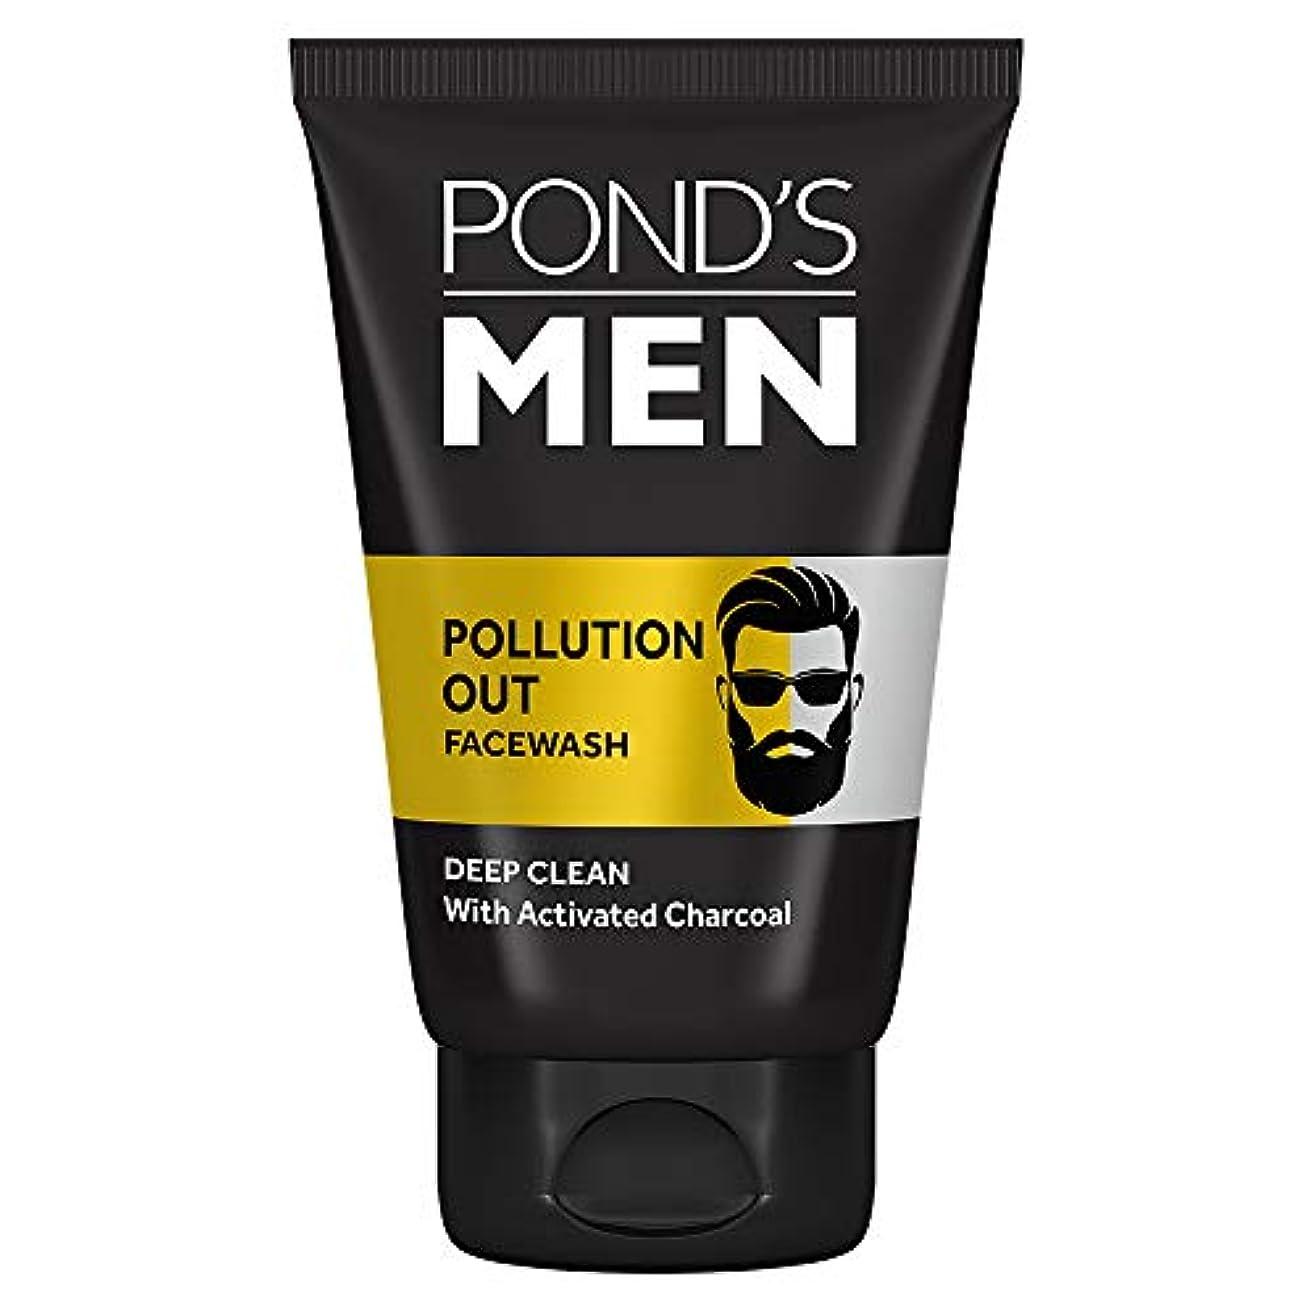 野心エッセイ愚かPond's Men Pollution Out Activated Charcoal Deep Clean Facewash, 50 g